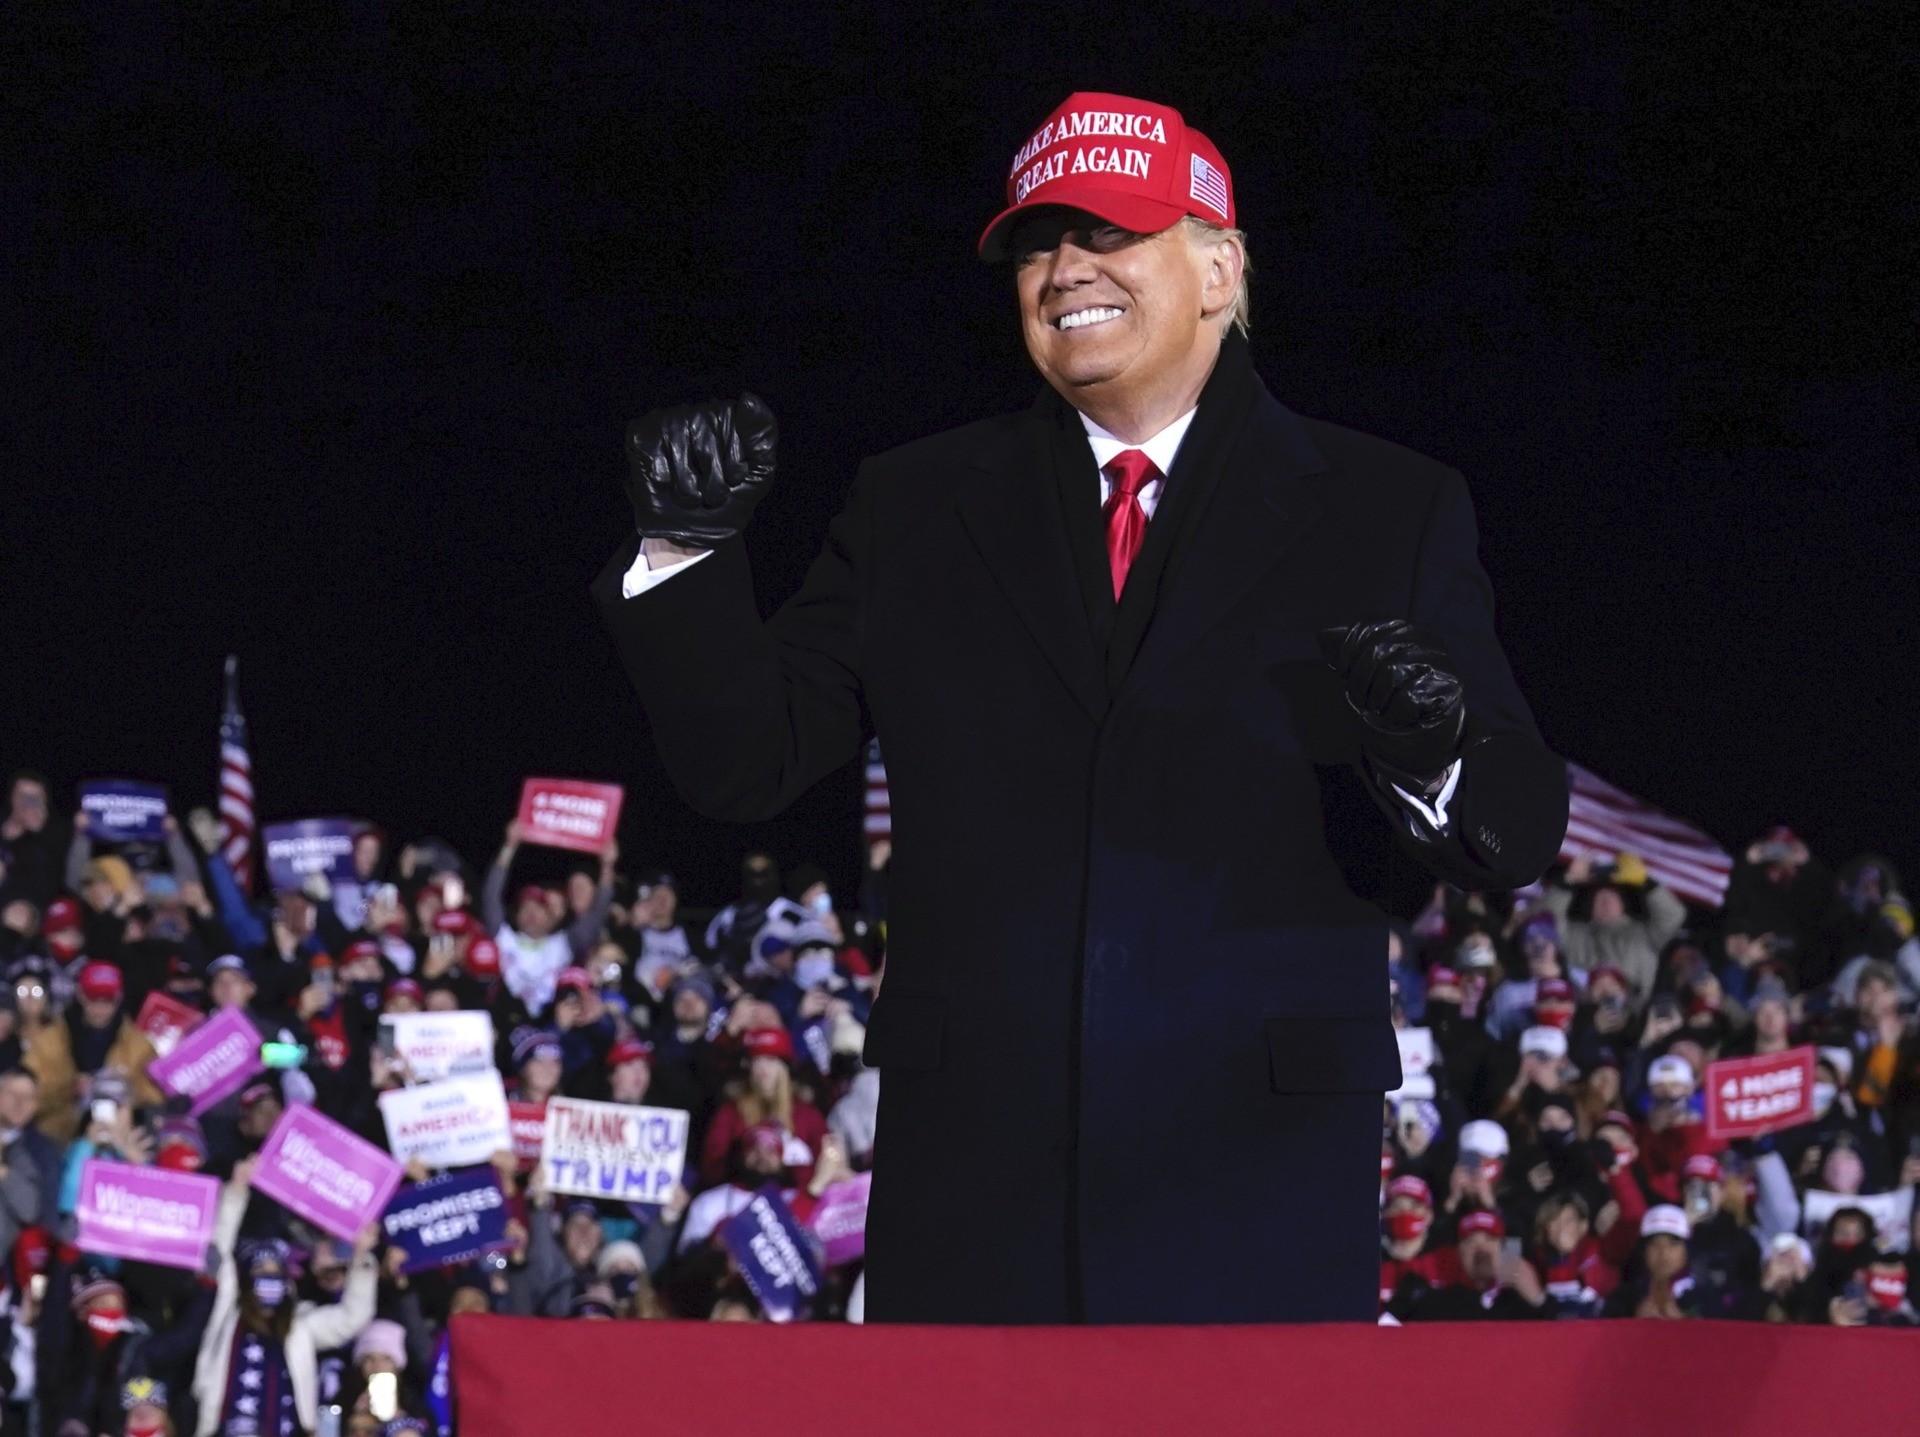 Trump Grand Rapids MAGA (Evan Vucci / Associated Press)